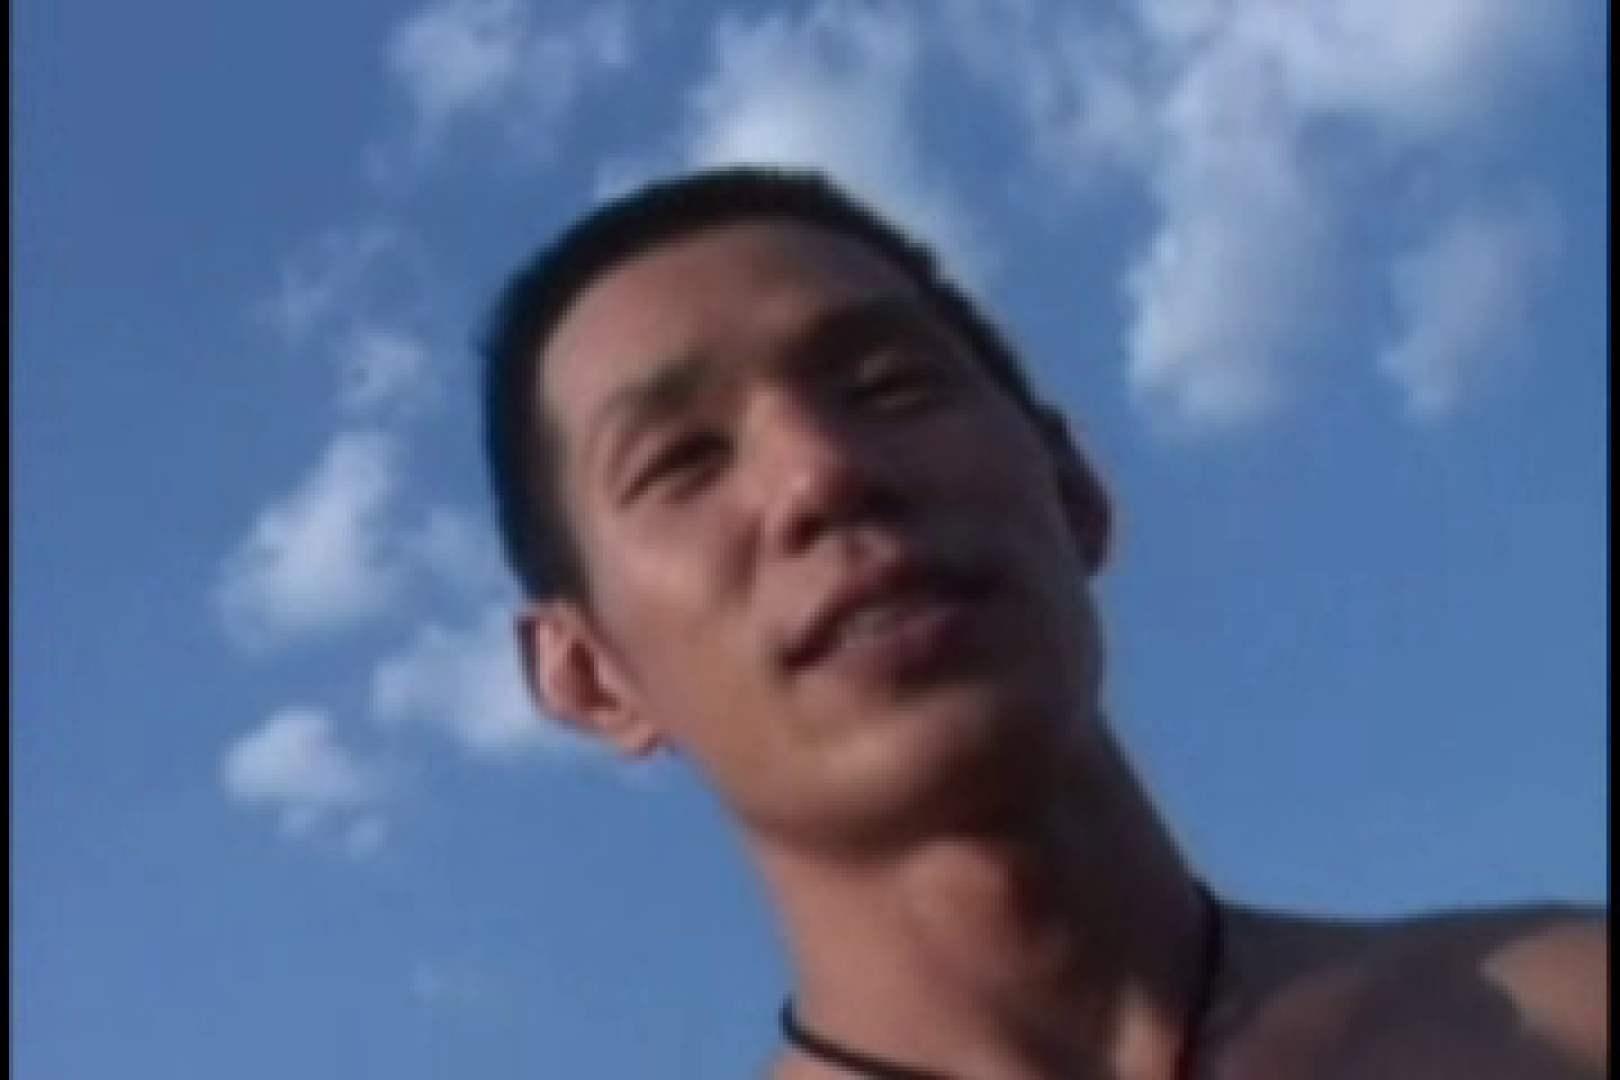 スリ筋!!スポメンのDANKON最高!!take.01 スポーツマン ゲイエロ動画 92枚 35